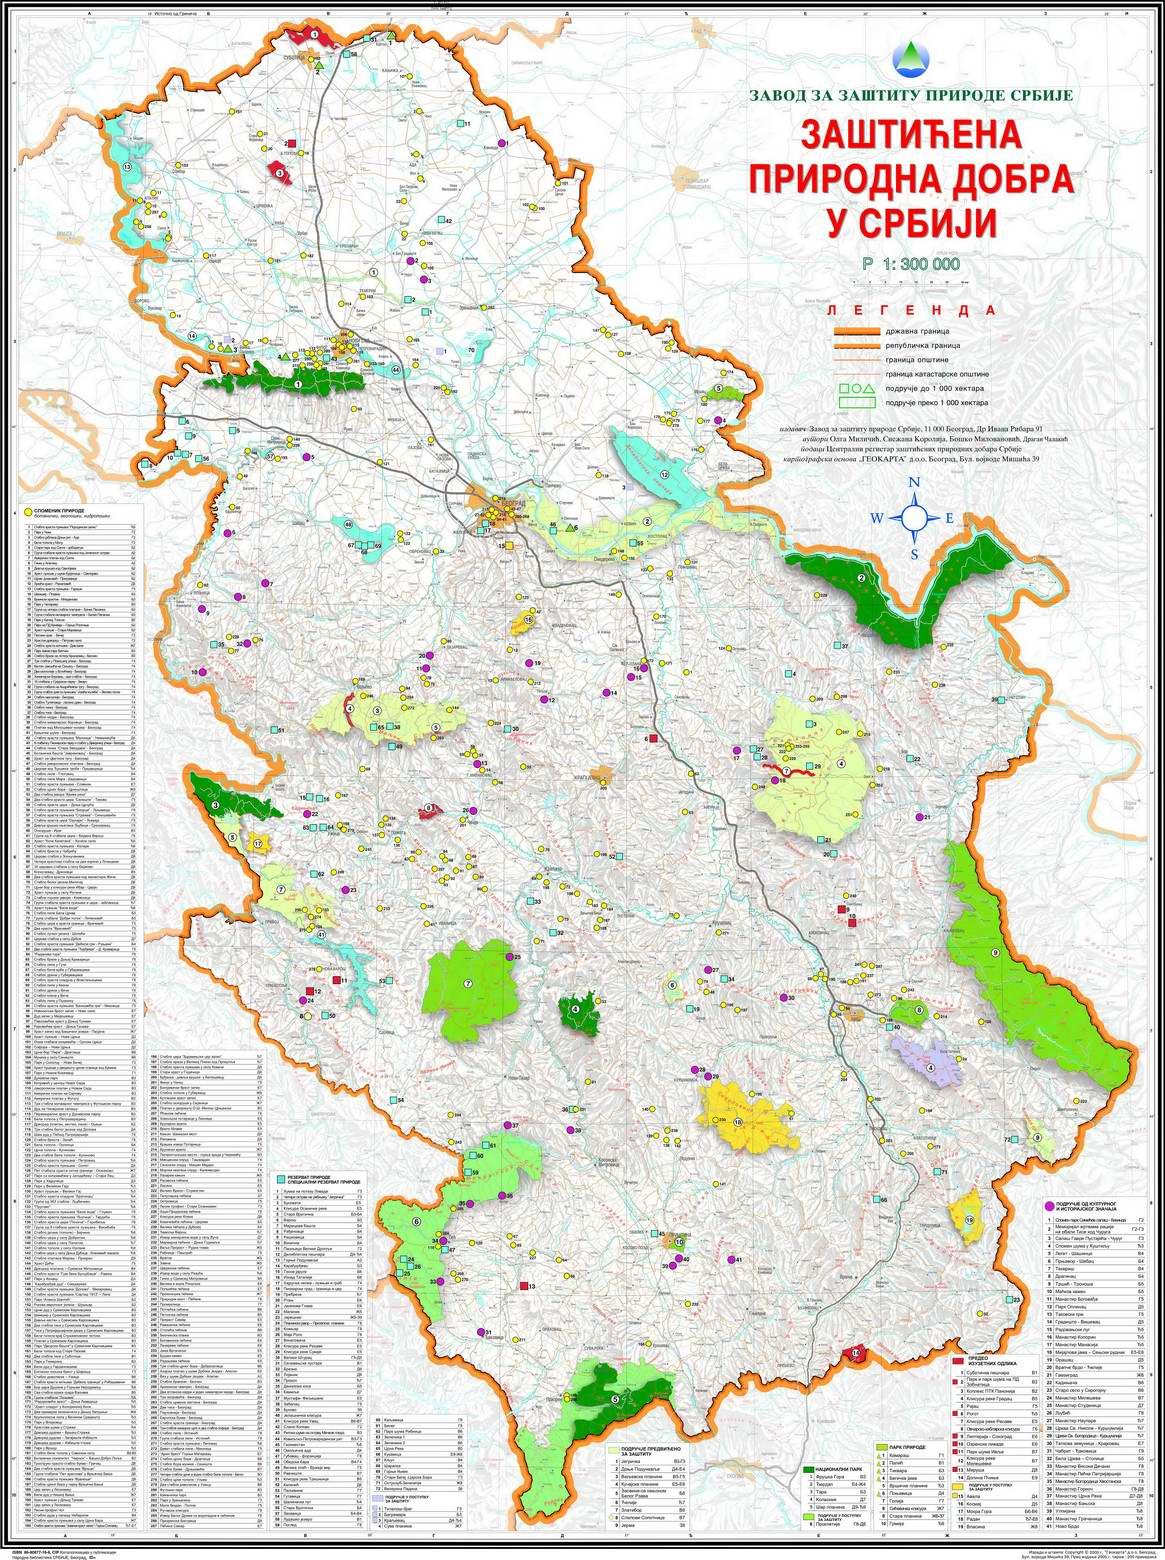 Nacionalni Parkovi Srbije Karta Superjoden